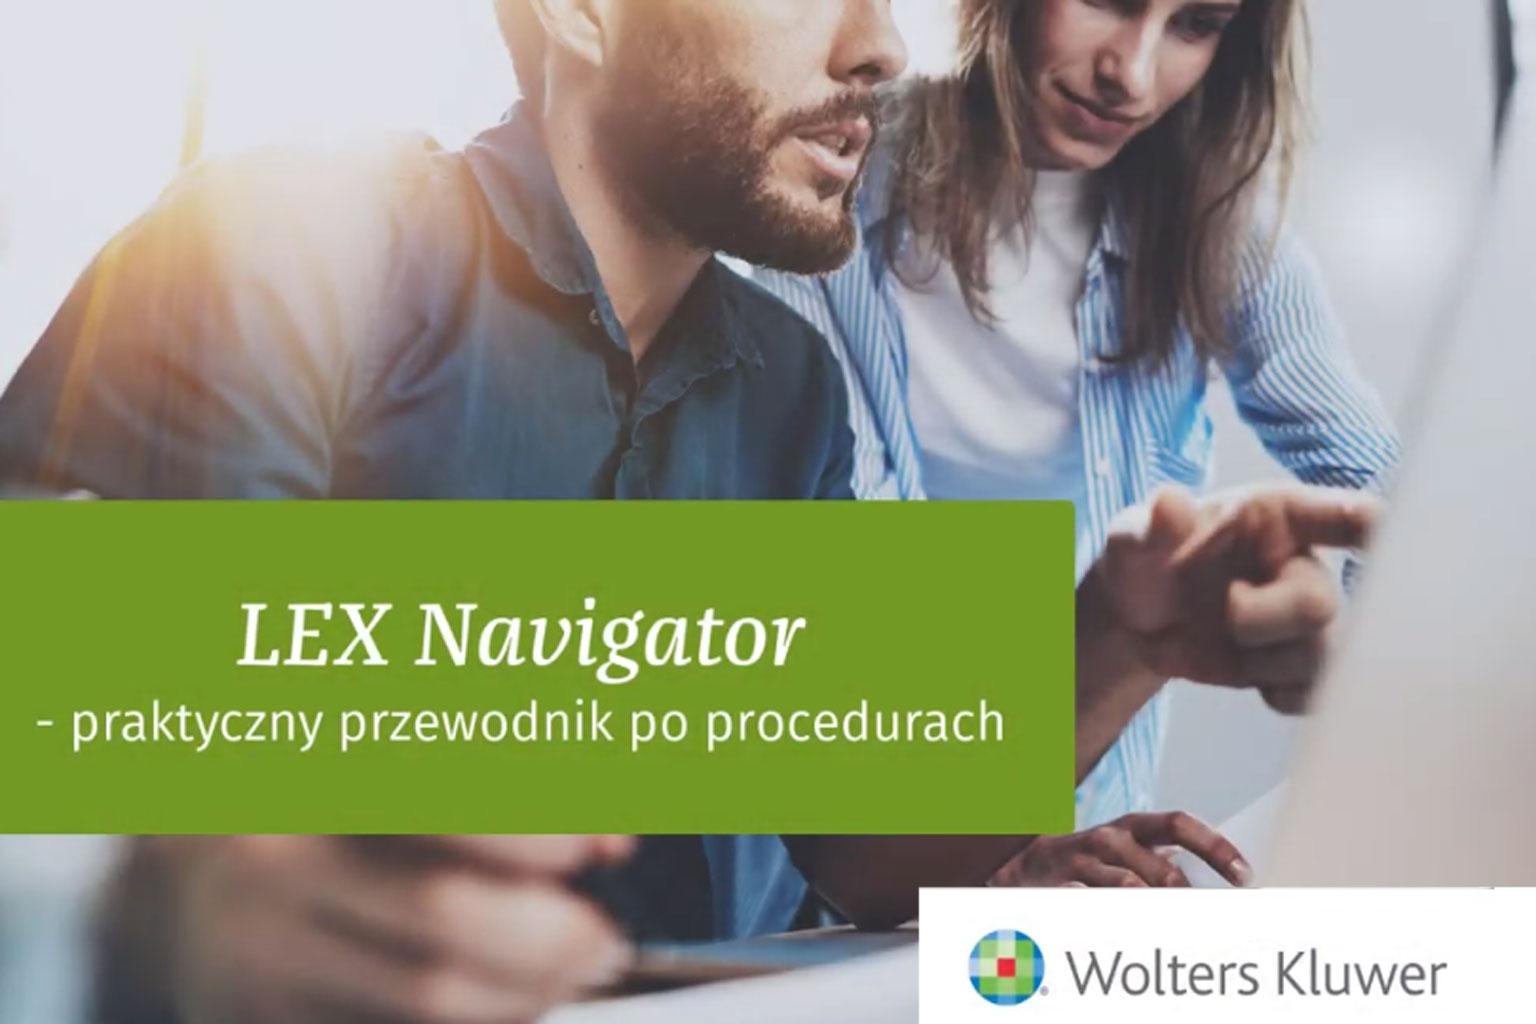 LEX Navigator